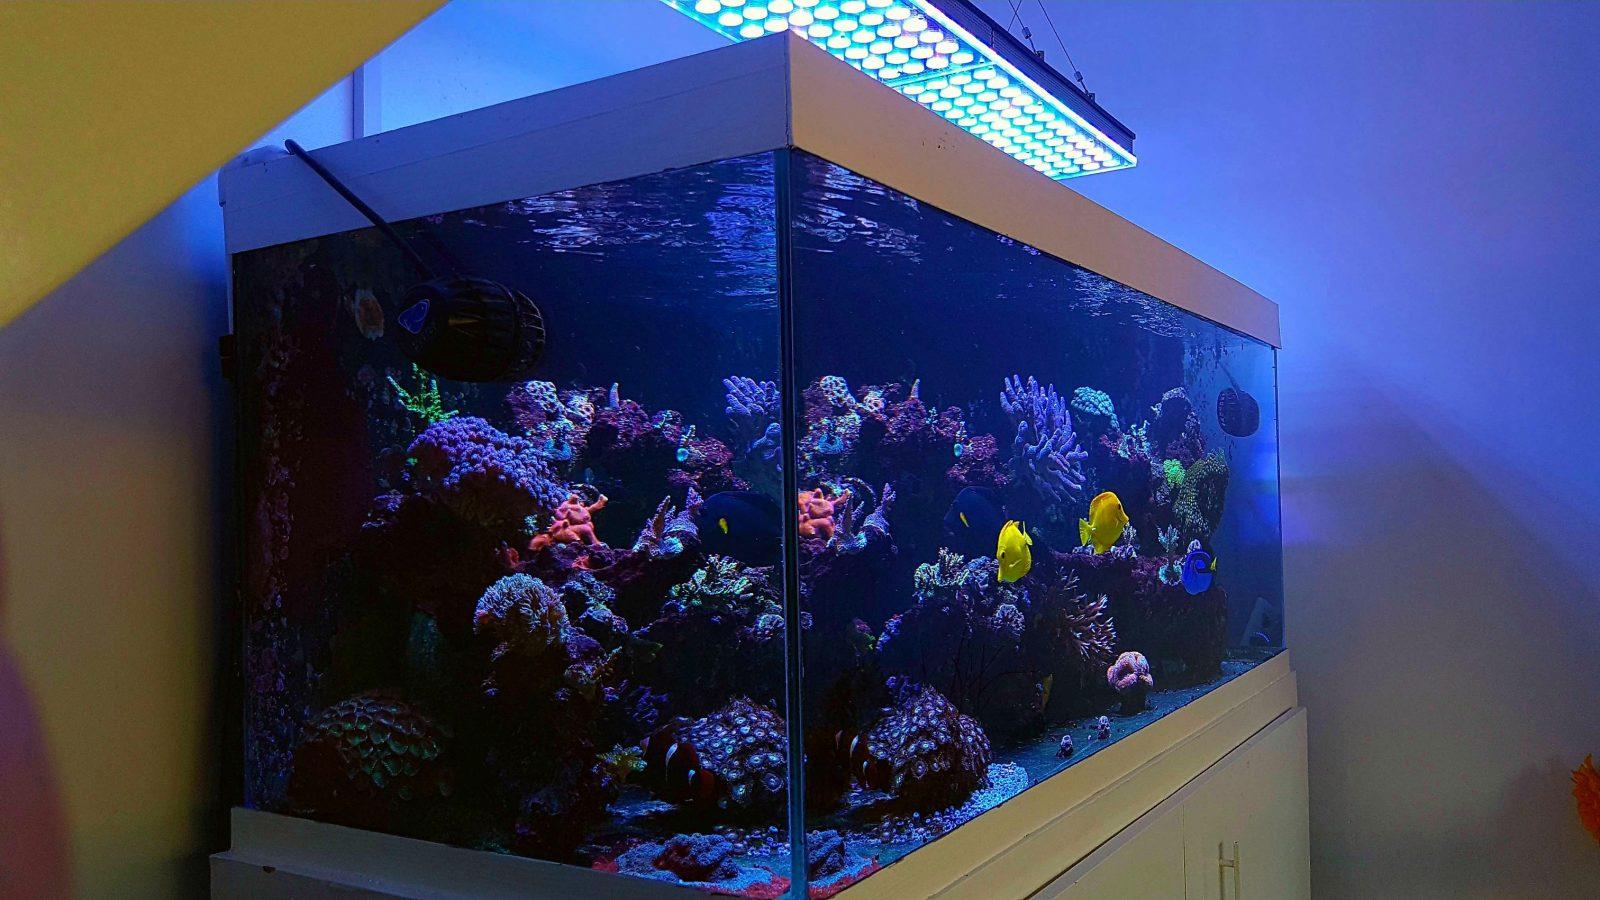 Clientes del Reino Unido revisan la iluminación LED Atlantik V4 Reef Aquarium